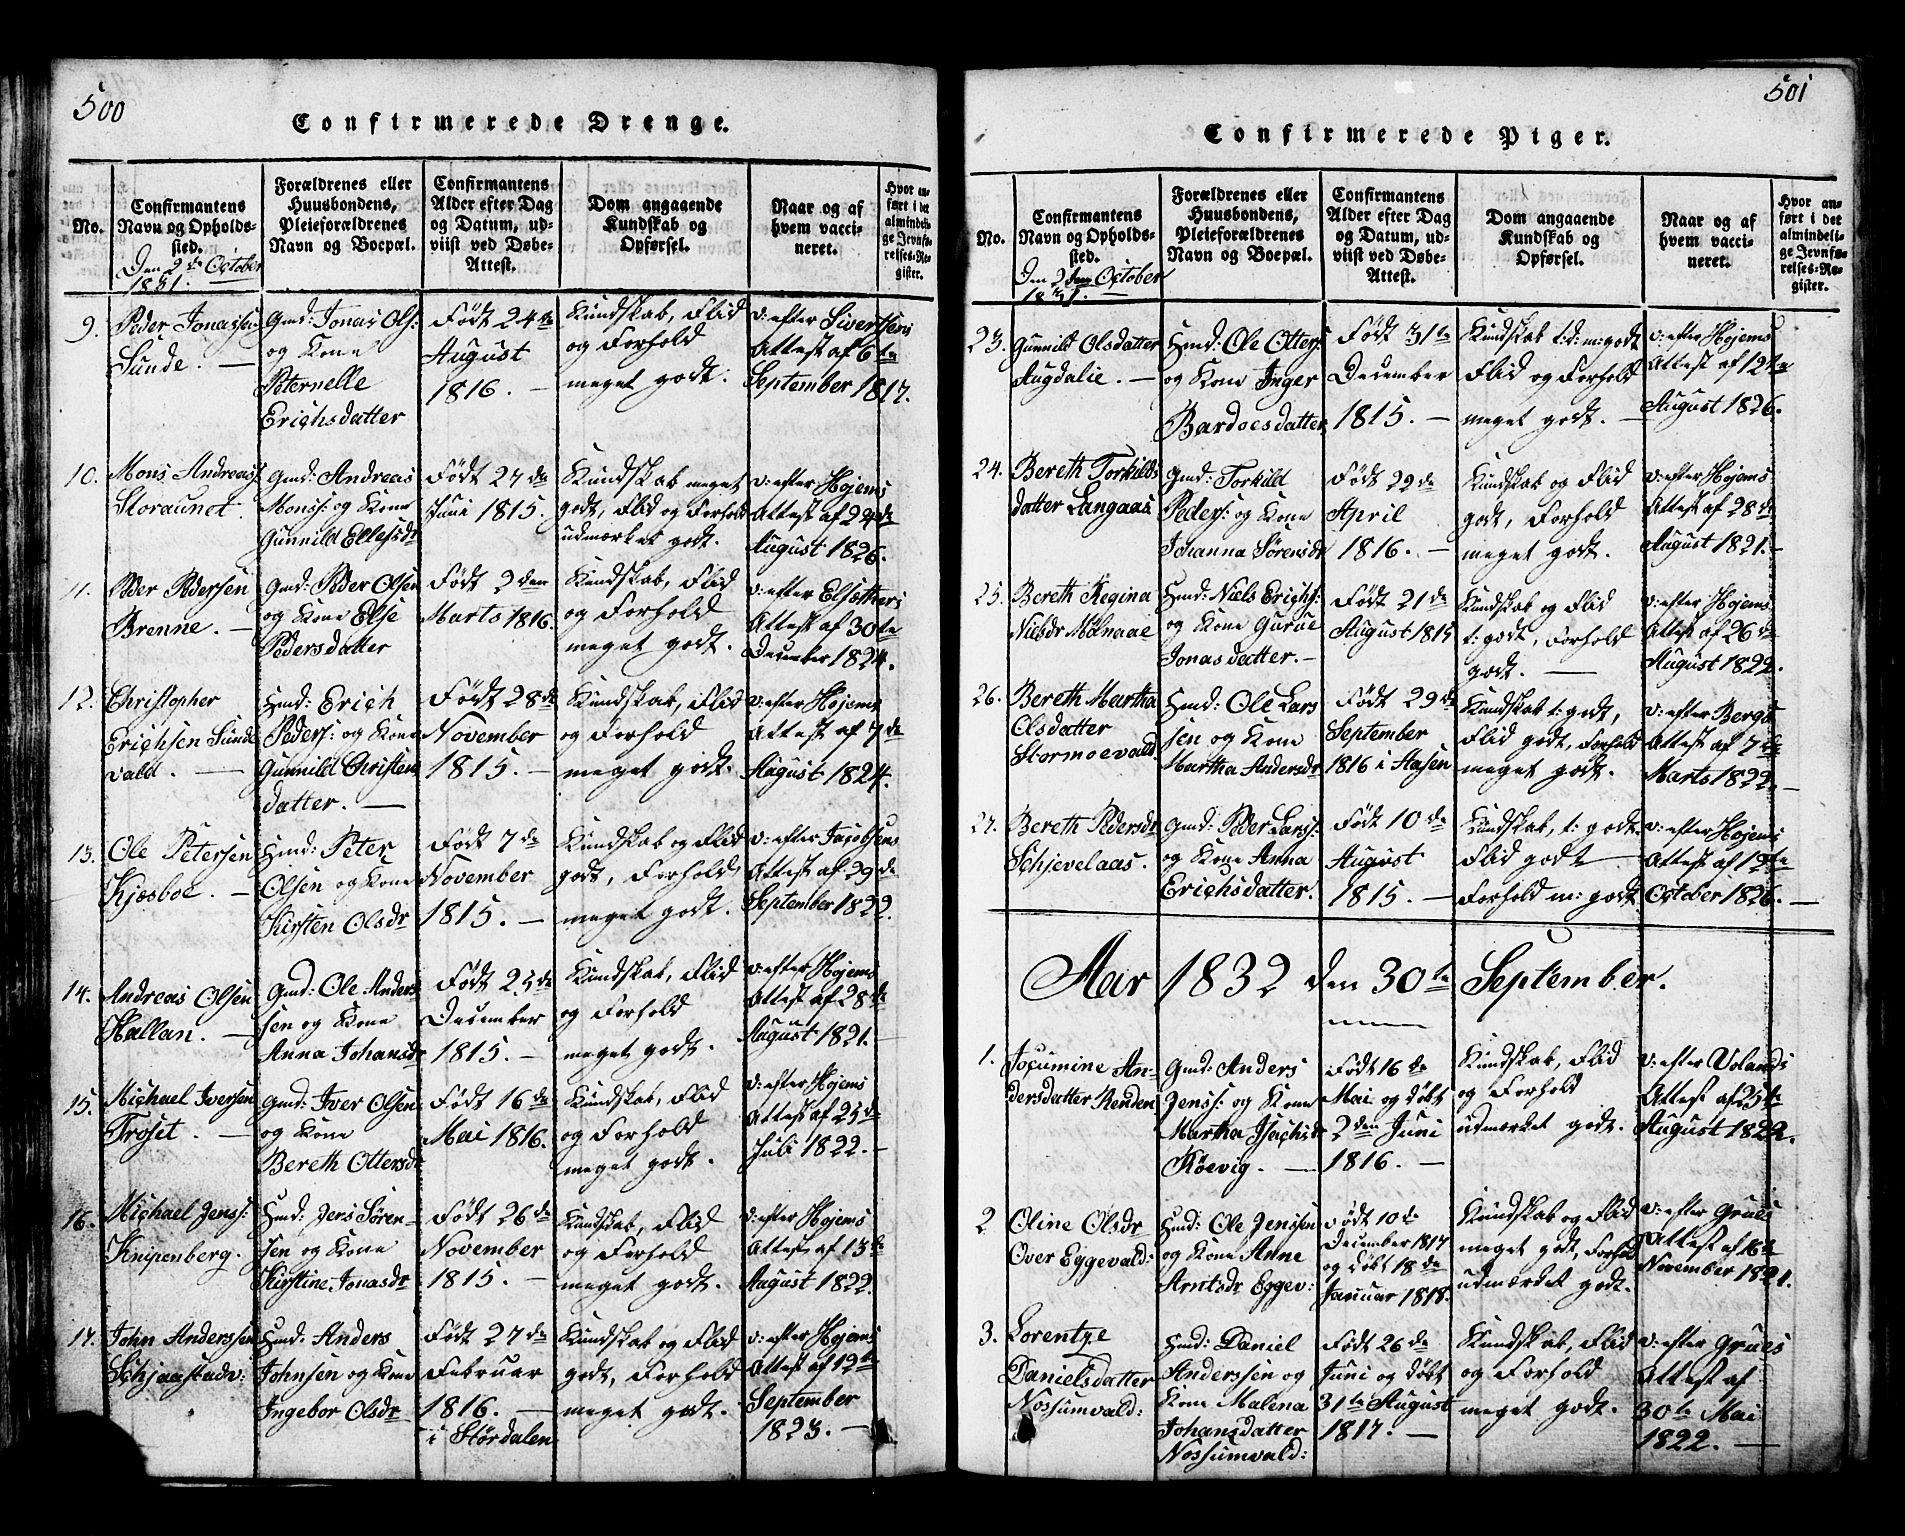 SAT, Ministerialprotokoller, klokkerbøker og fødselsregistre - Nord-Trøndelag, 717/L0169: Klokkerbok nr. 717C01, 1816-1834, s. 500-501